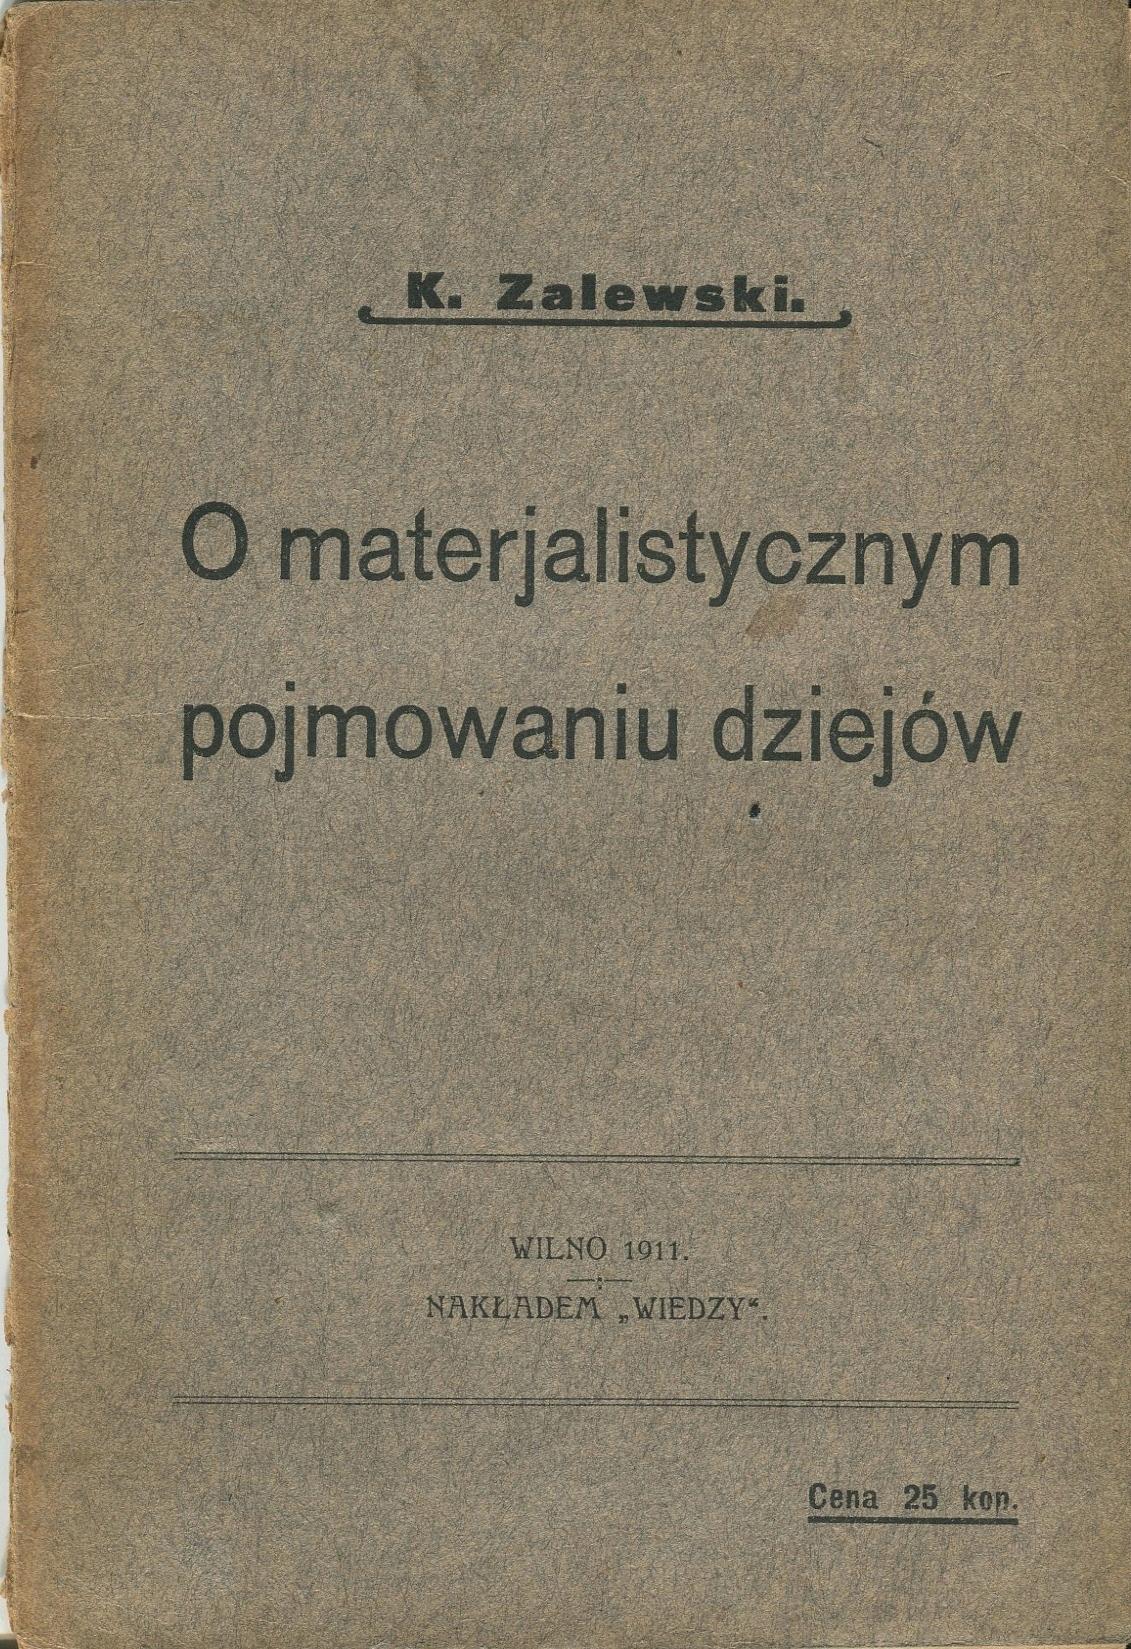 O MATERIALISTYCZNYM POJMOWANIU DZIEJÓW Wilno 1911